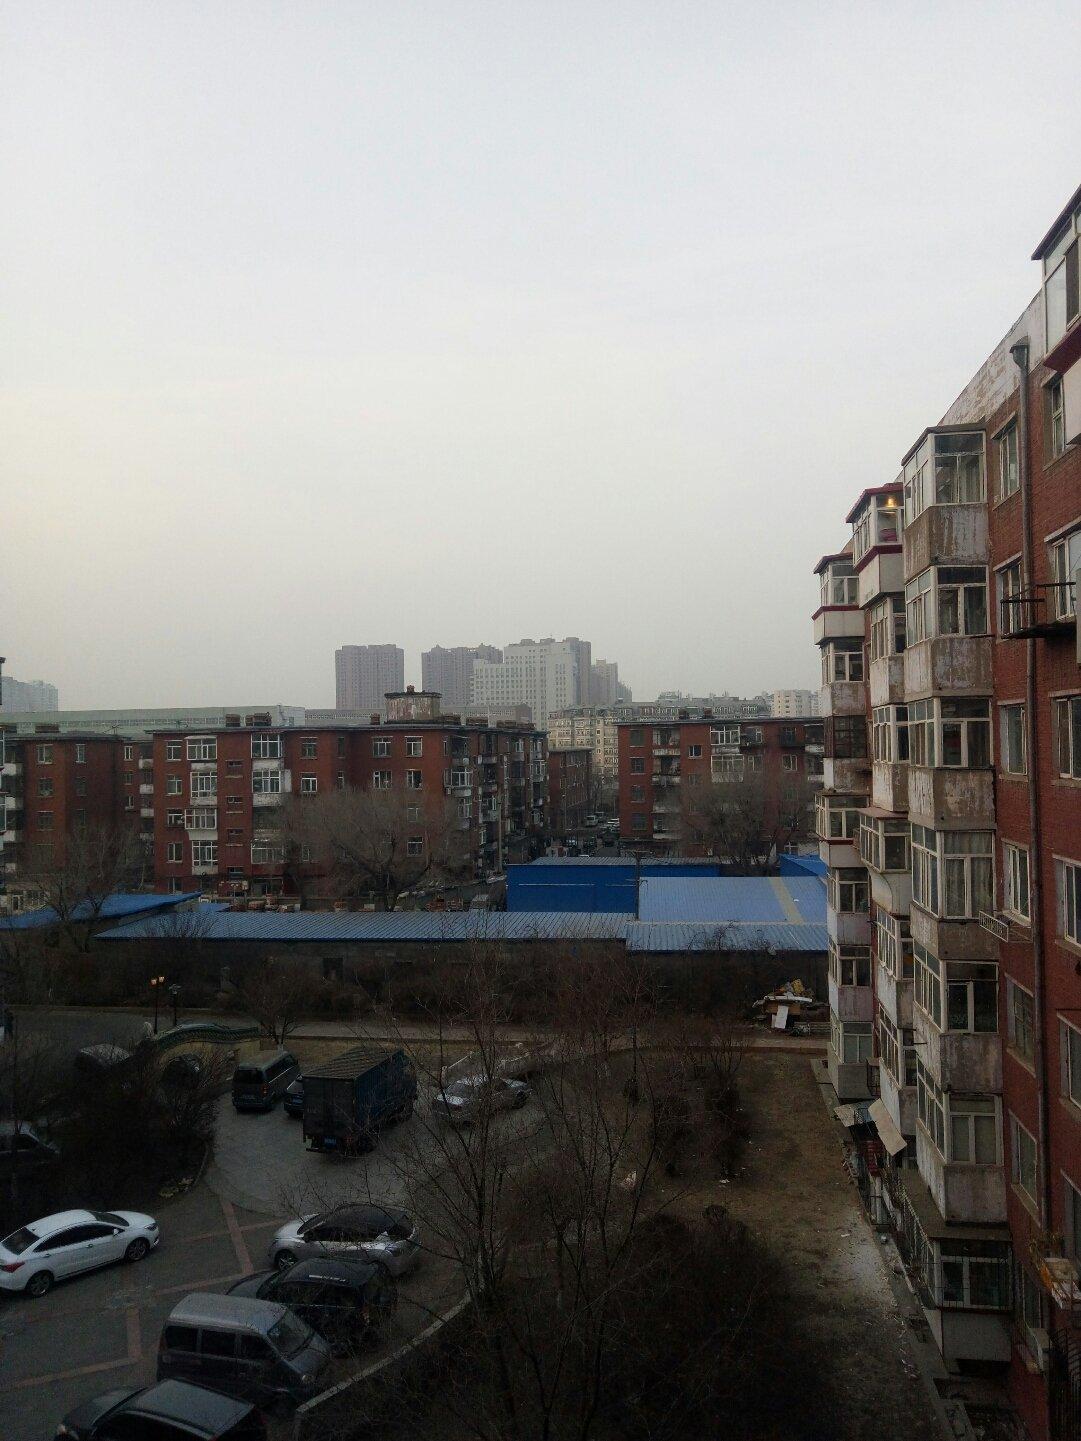 黑龙江省哈尔滨市香坊区绝缘三道街靠近天天乐幼儿园(绝缘街)天气预报